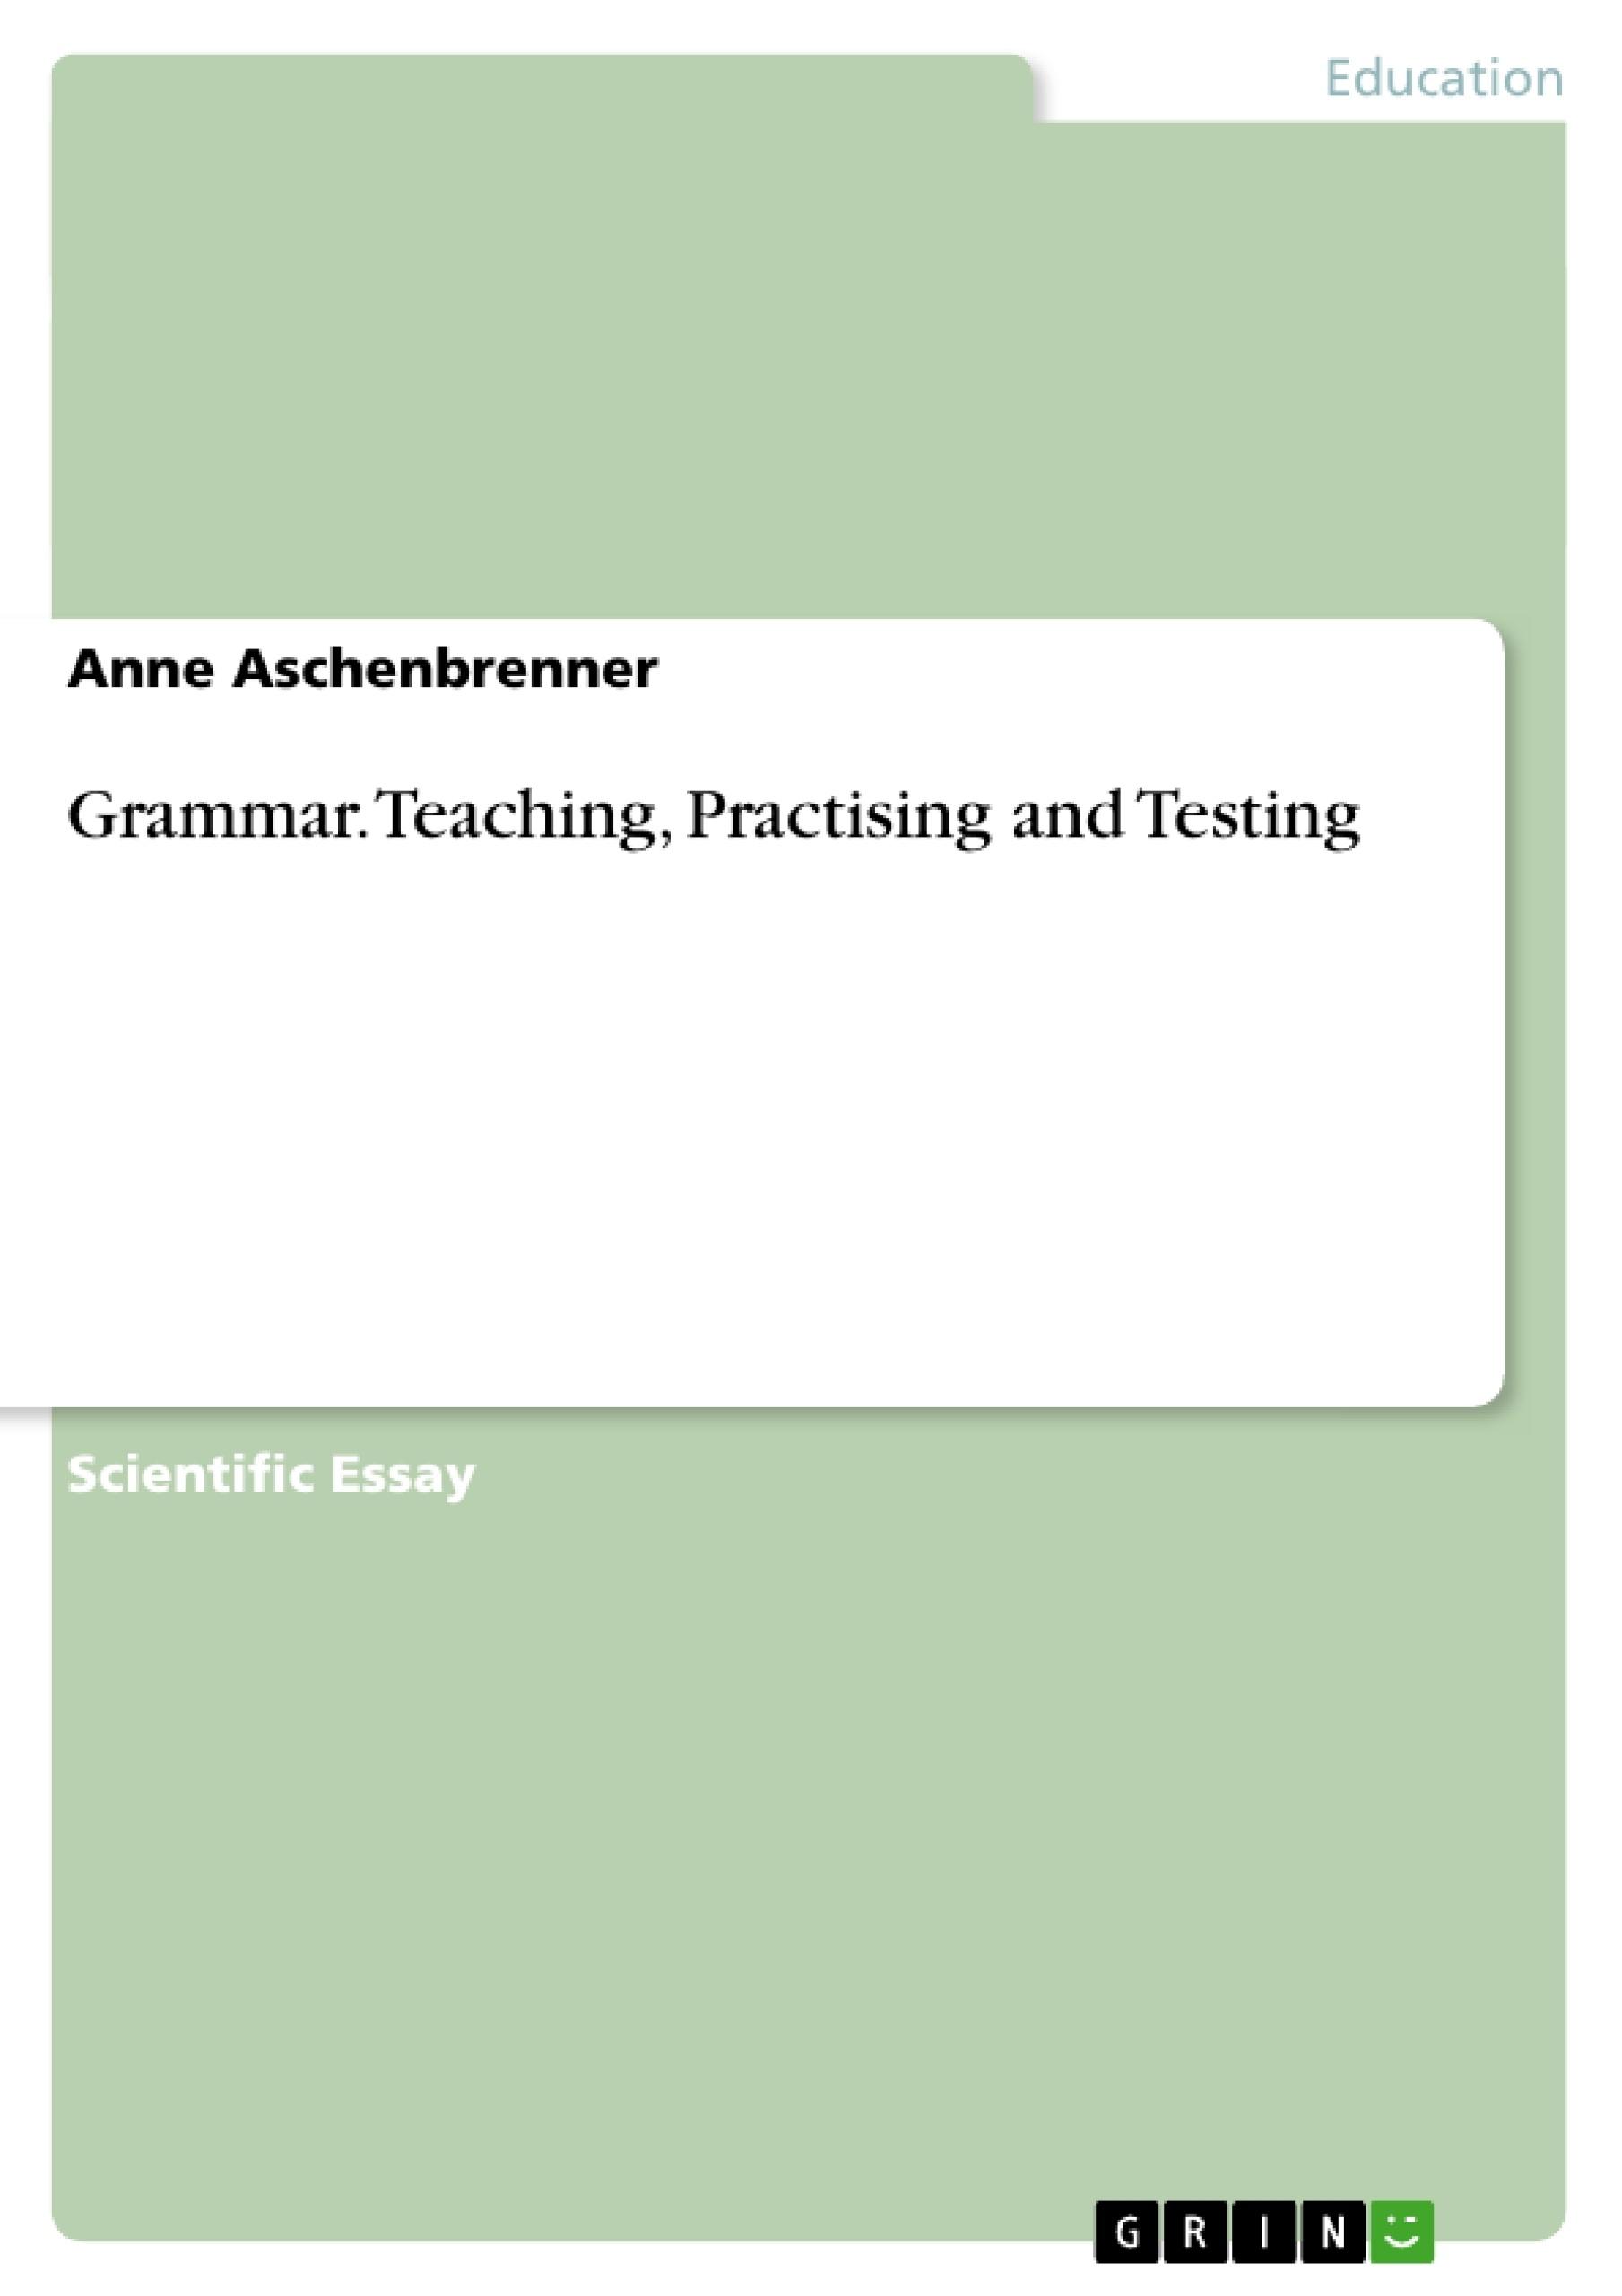 Title: Grammar. Teaching, Practising and Testing